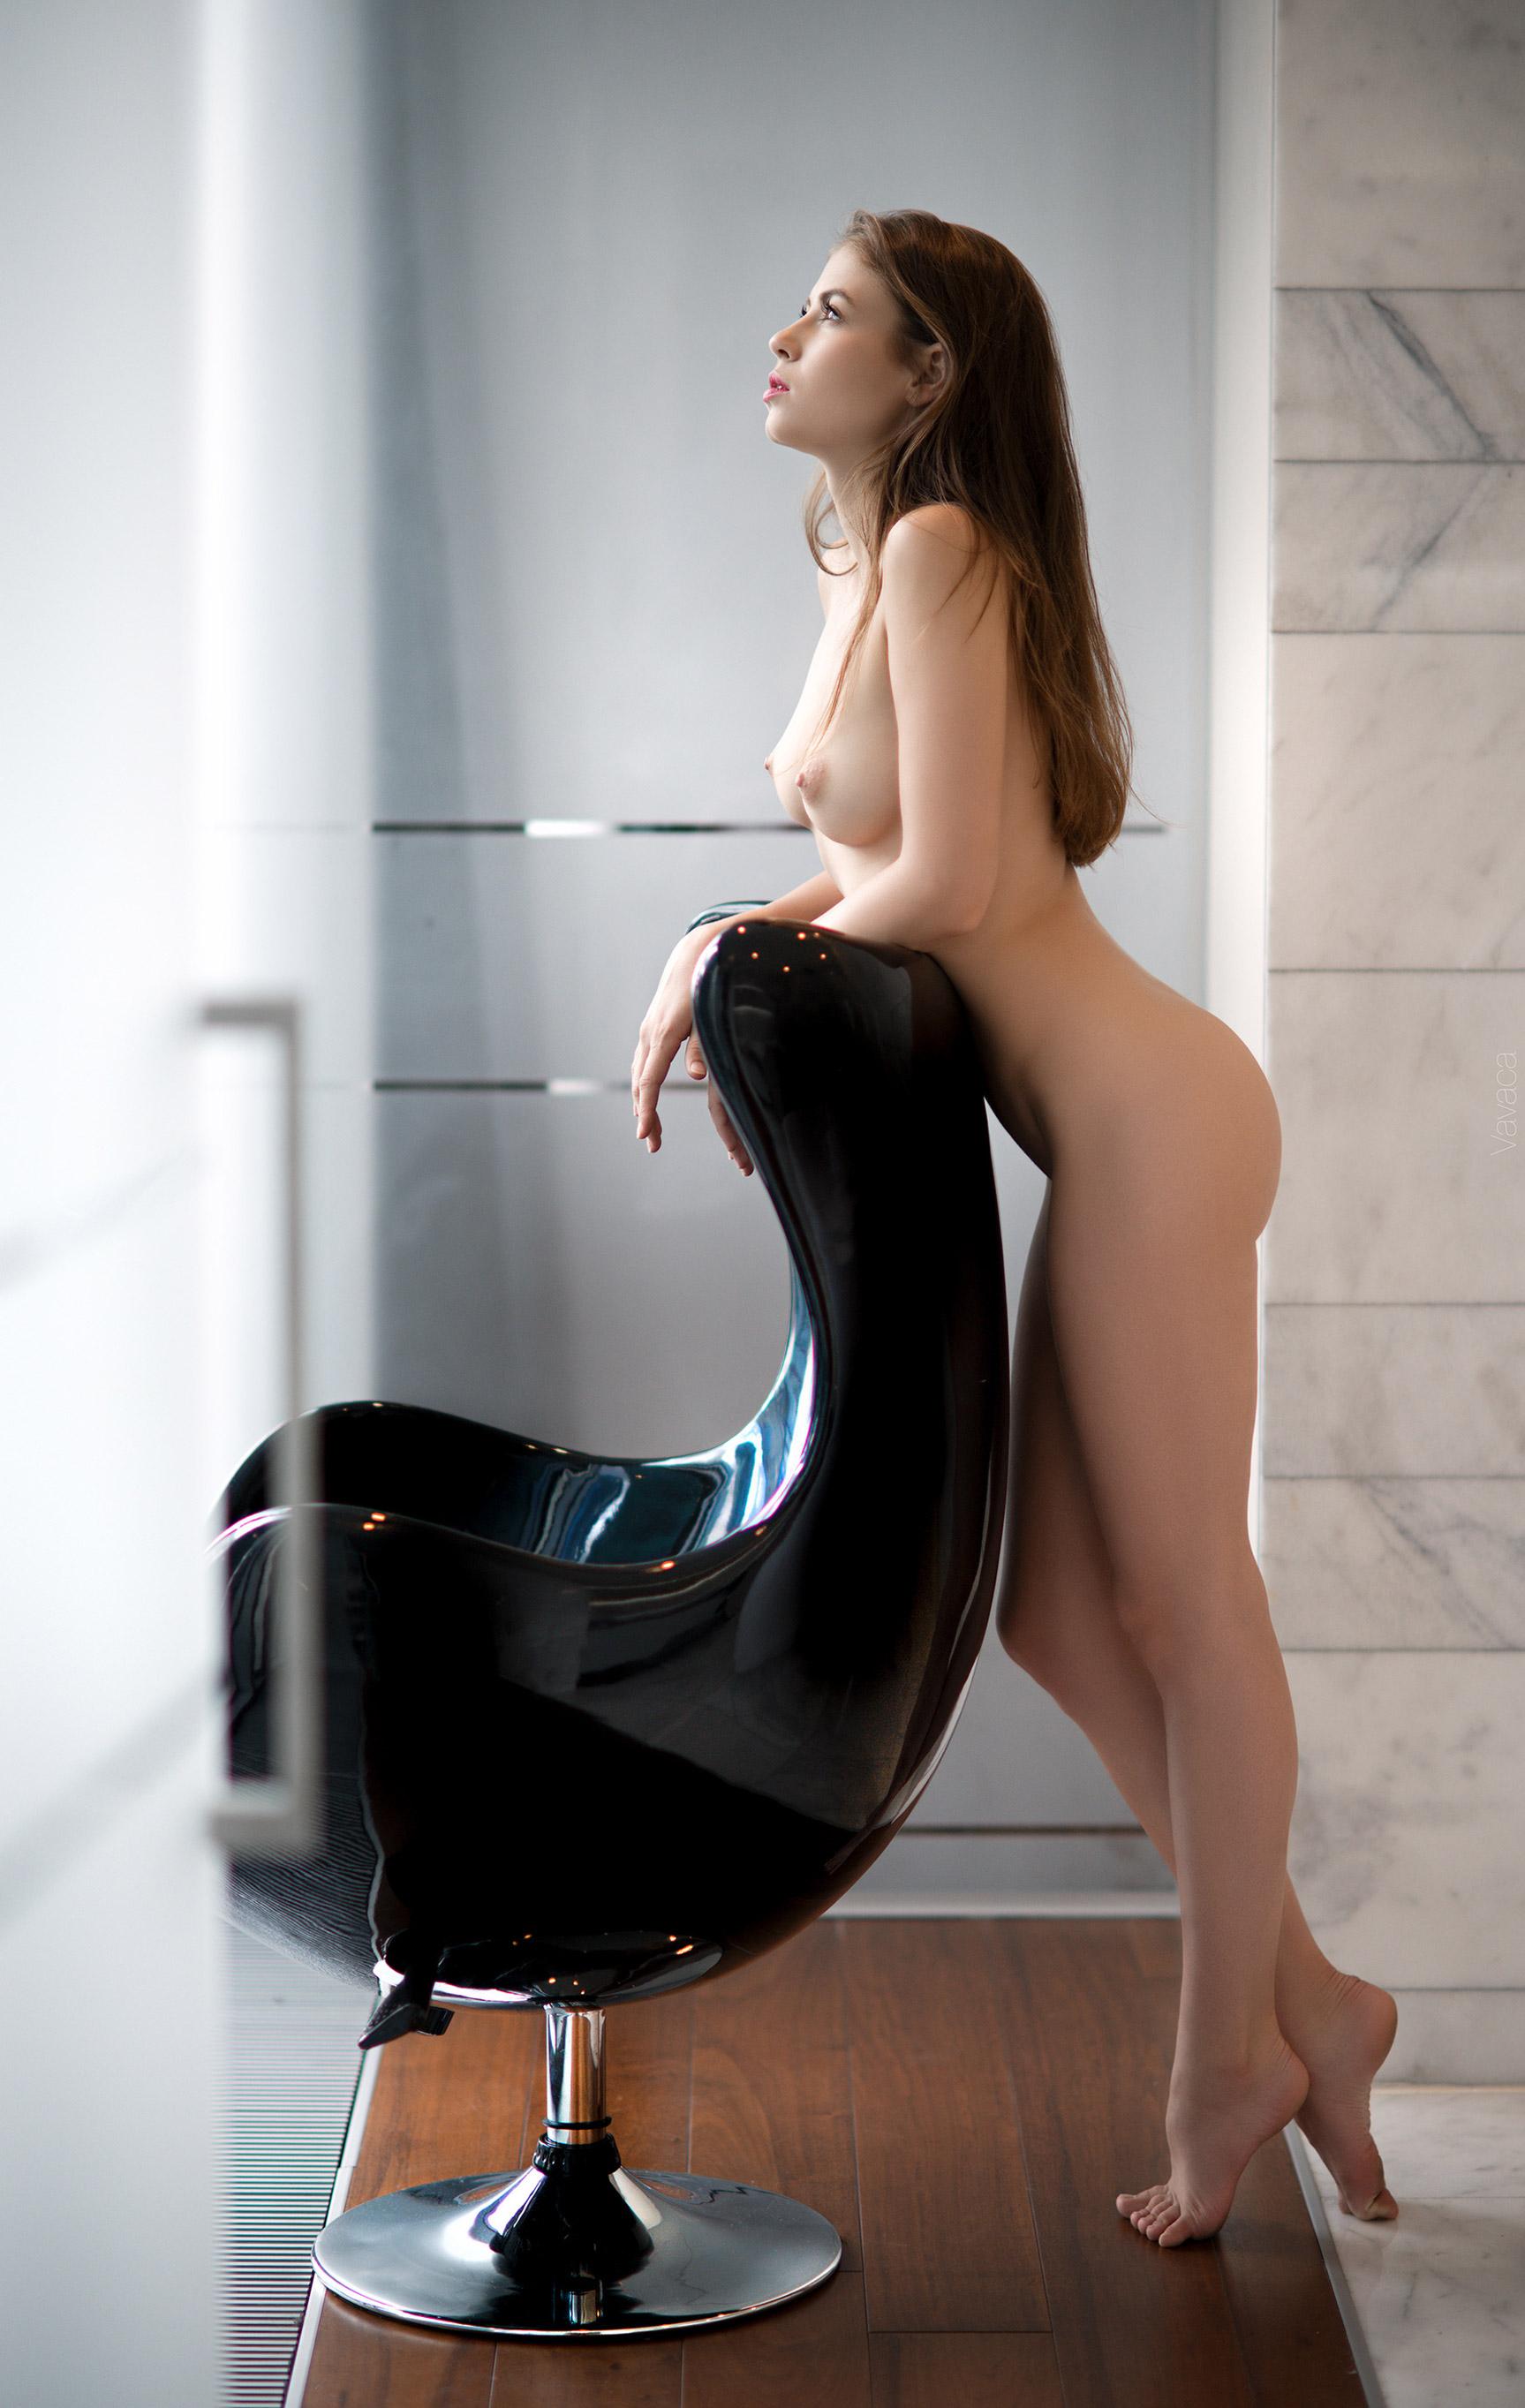 Viktoriia Aliko - Vladimir Nikolaev photoshoot